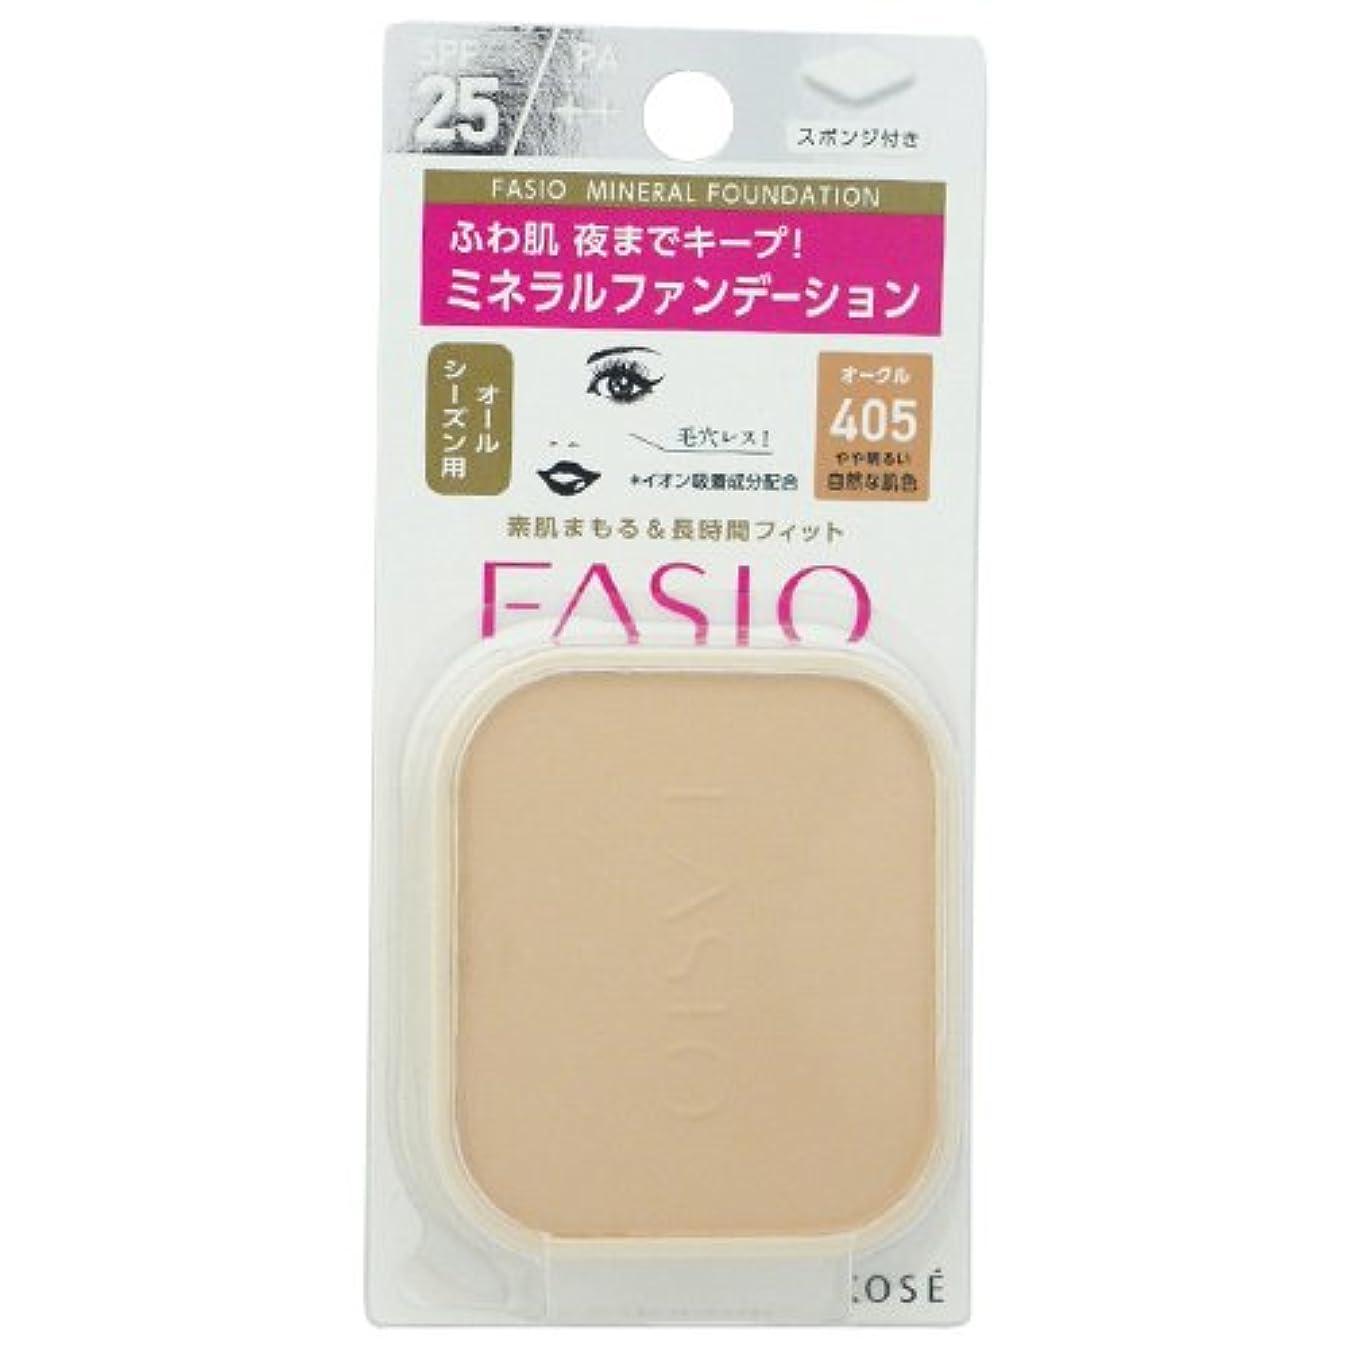 コーセー ファシオ ミネラル ファンデーション SPF25 PA++ 【詰め替え用】 9g 415 [並行輸入品]